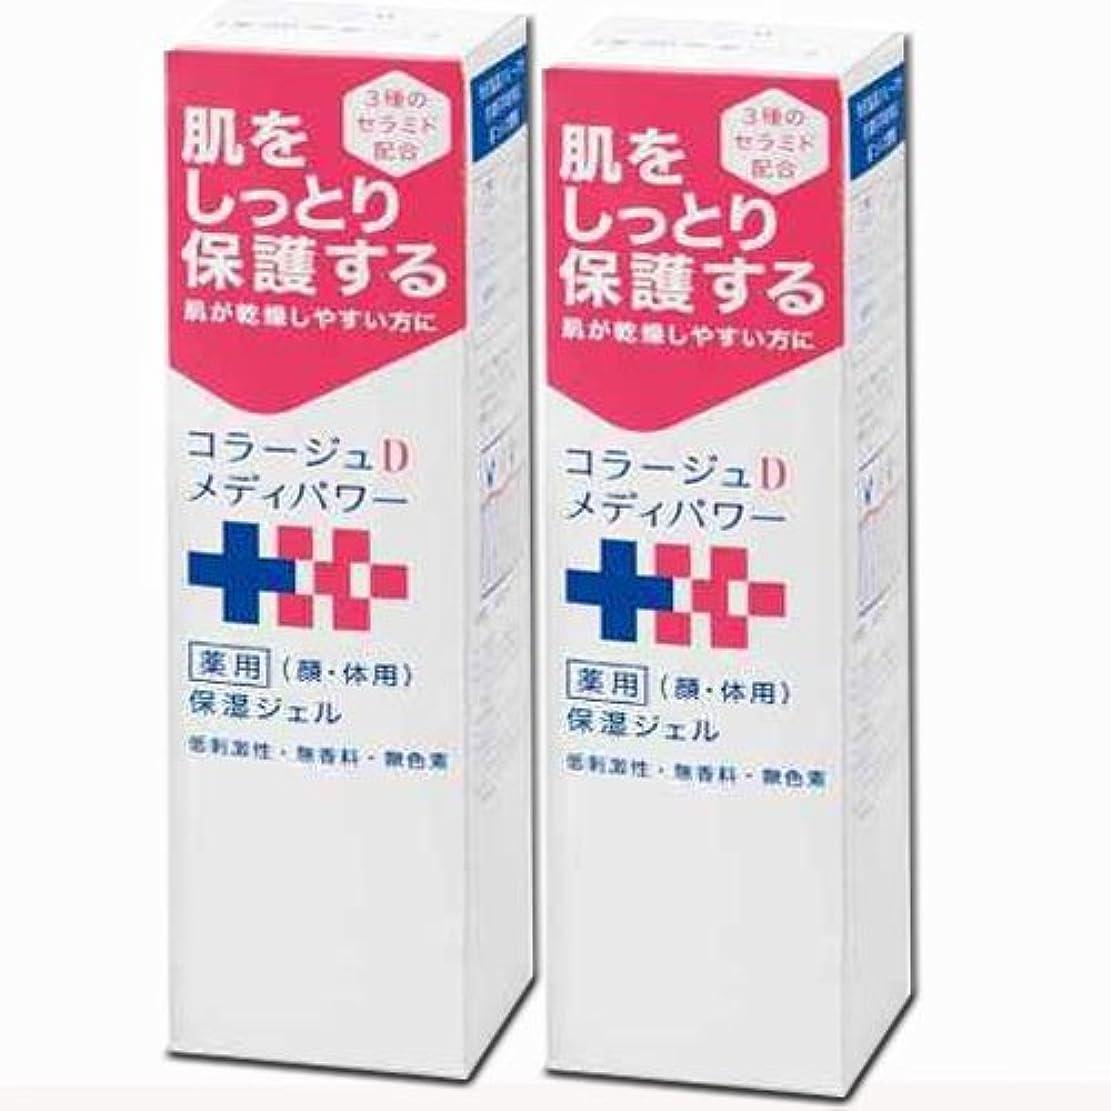 安全な期待して気づかない【2個】持田製薬コラージュDメディパワー保湿ジェル 150ml×2個 (4987767650012-2)